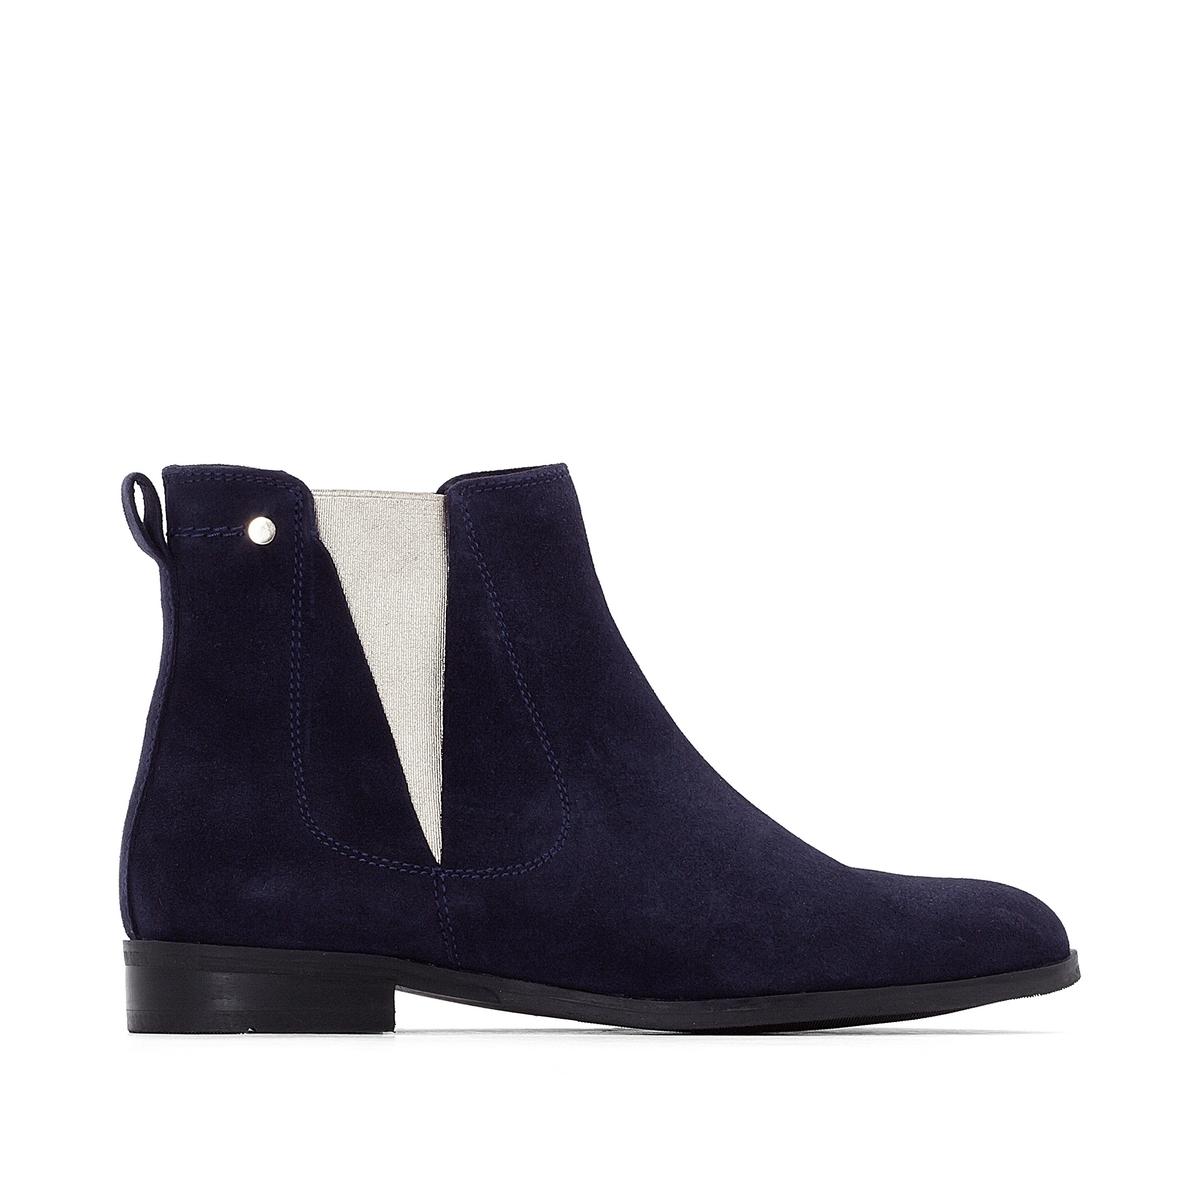 Ботинки-челси кожаные с металлизированными эластичными вставками ботинки r